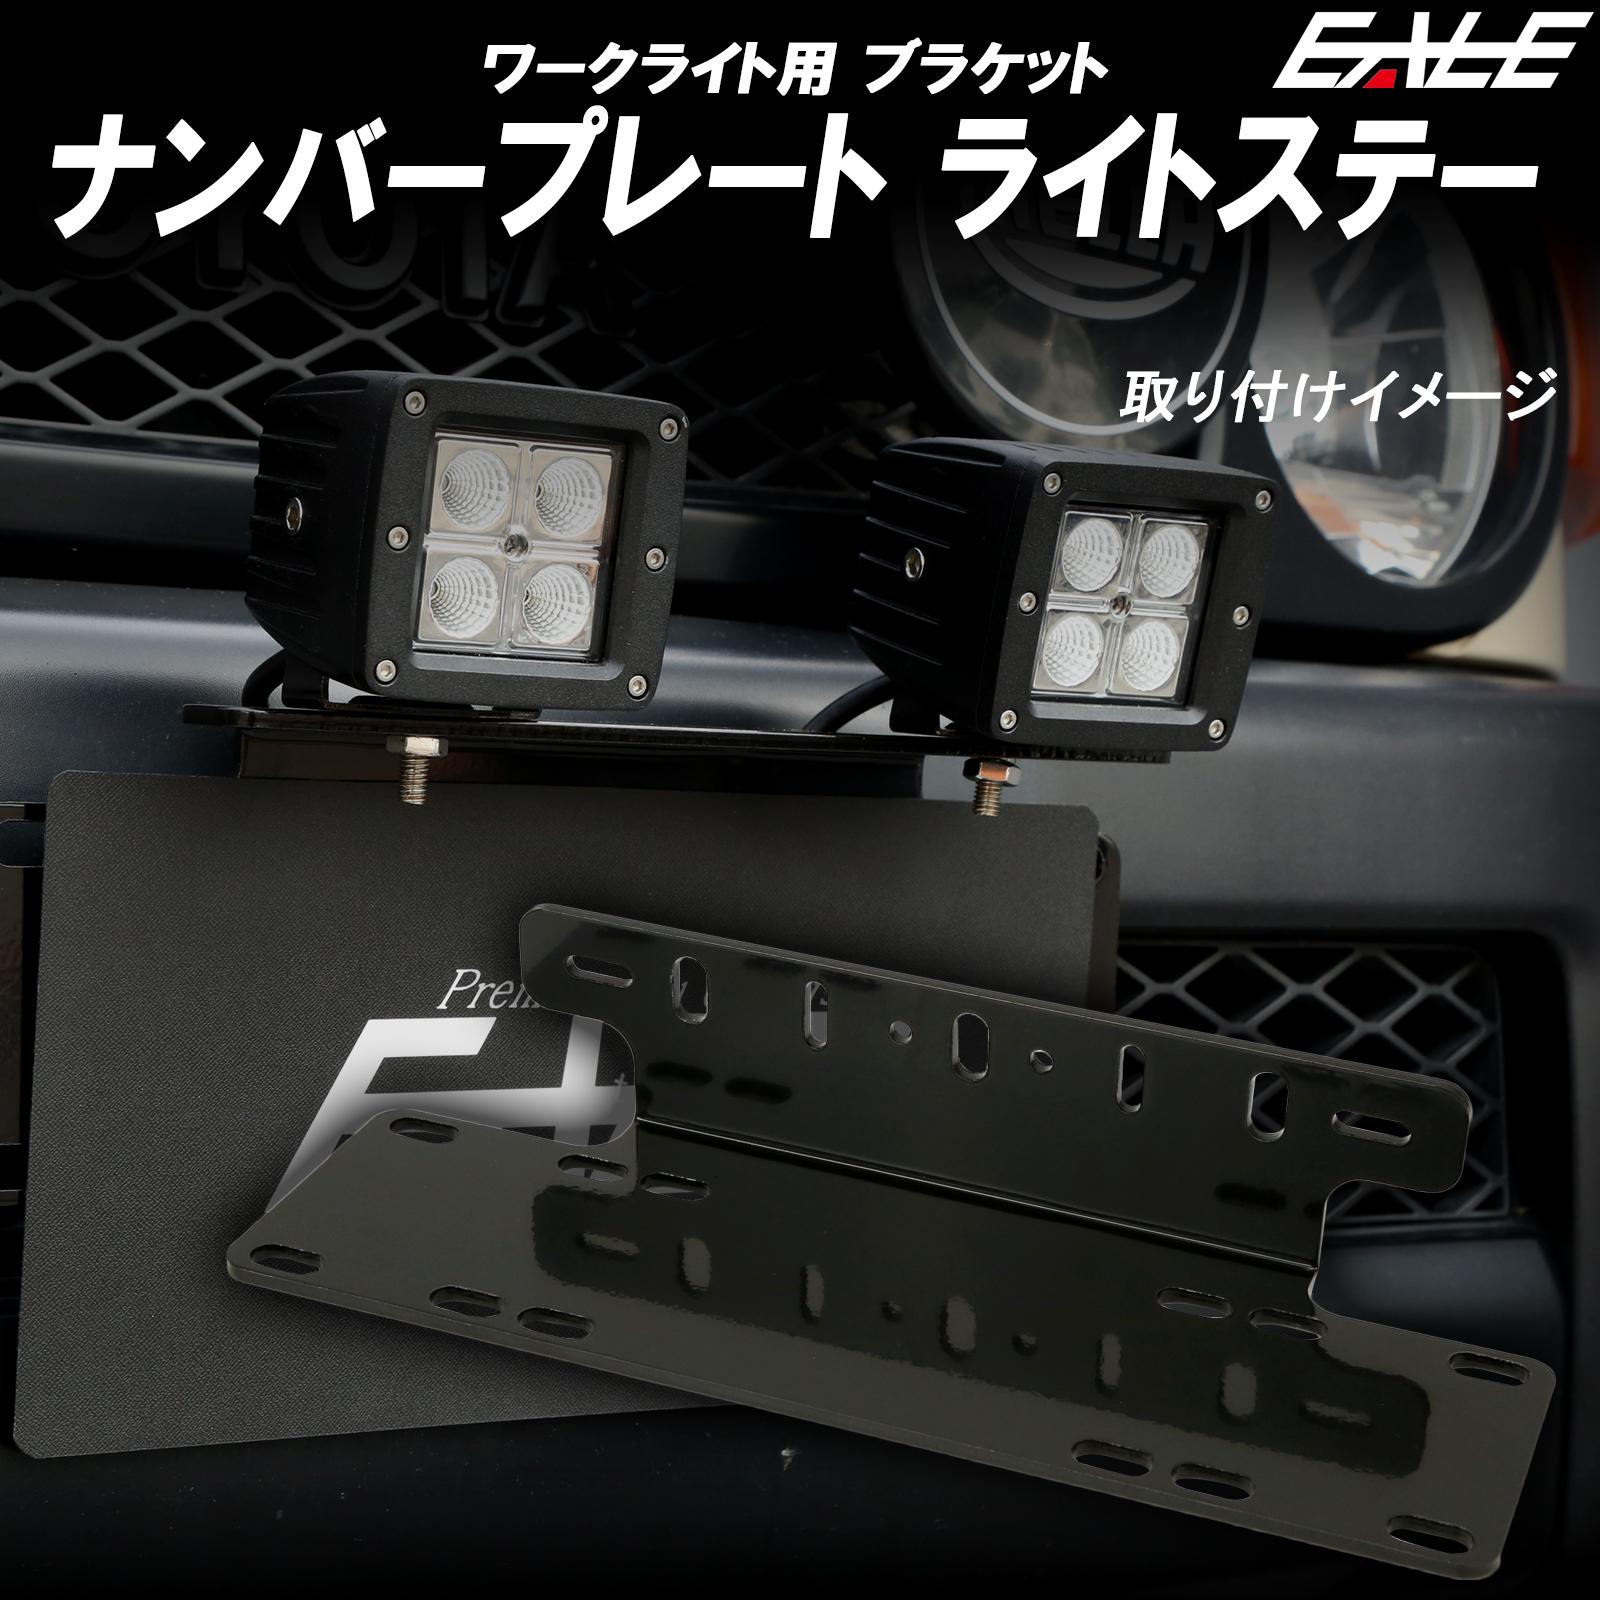 ナンバープレート ライト ステー フォグライト 作業灯 ライトバー等の取り付け用 アルミ製ナンバー ブラケット